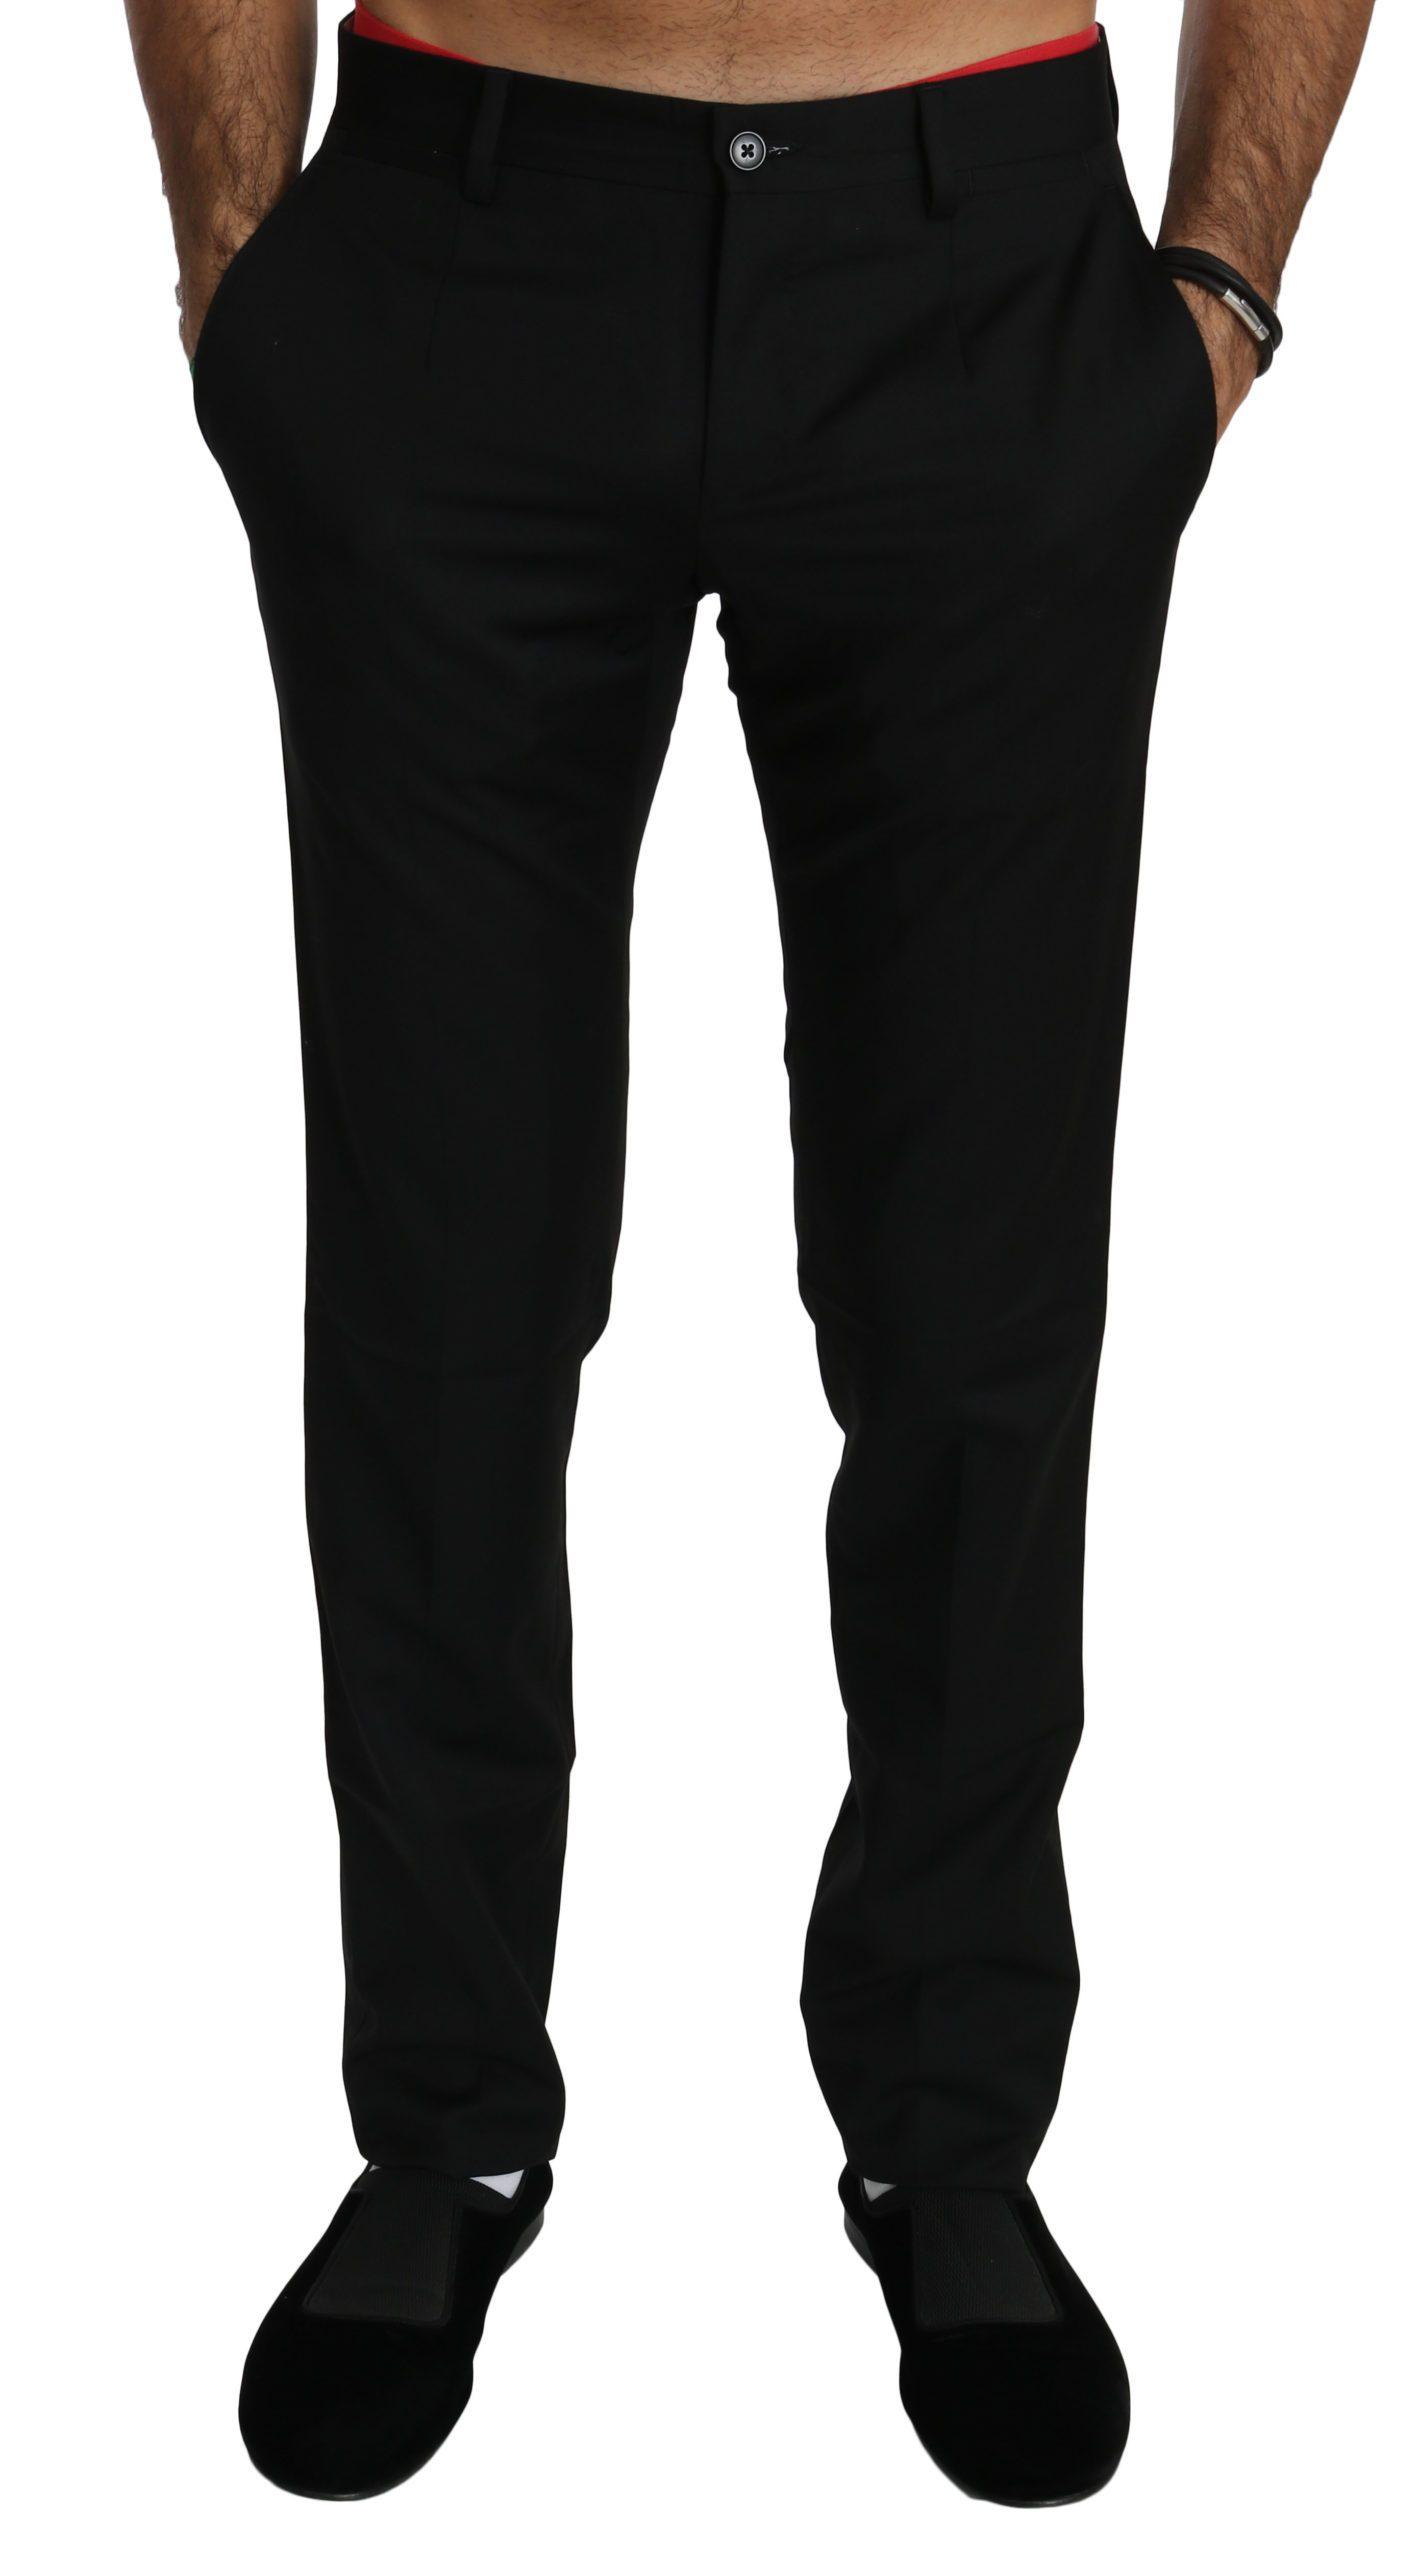 Dolce & Gabbana Men's Dress Formal Wool Trouser Black PAN70765 - IT44 | XS